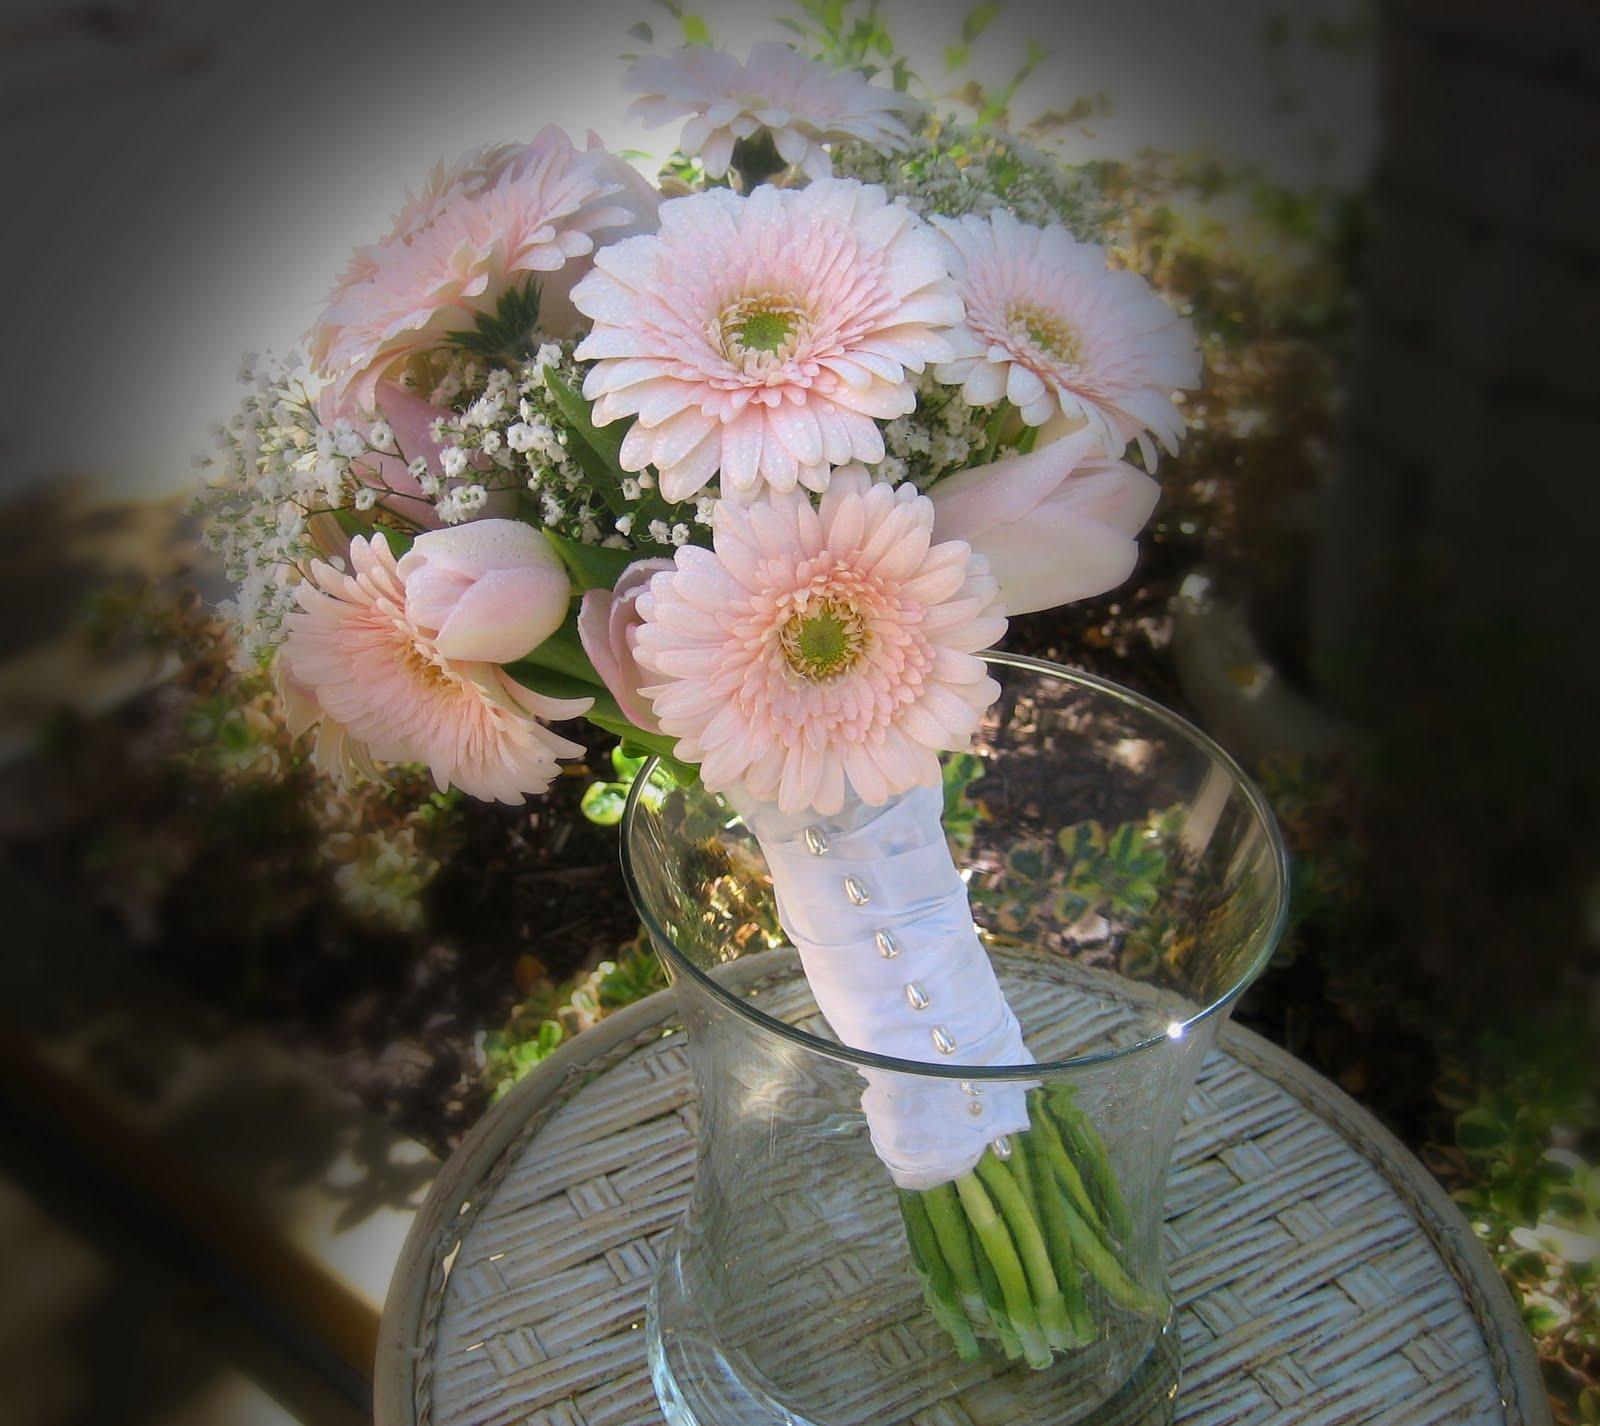 Pale Pink Wedding Flower Bouquets: La Jolla Village Florist: Pale Pink Bridal Bouquet